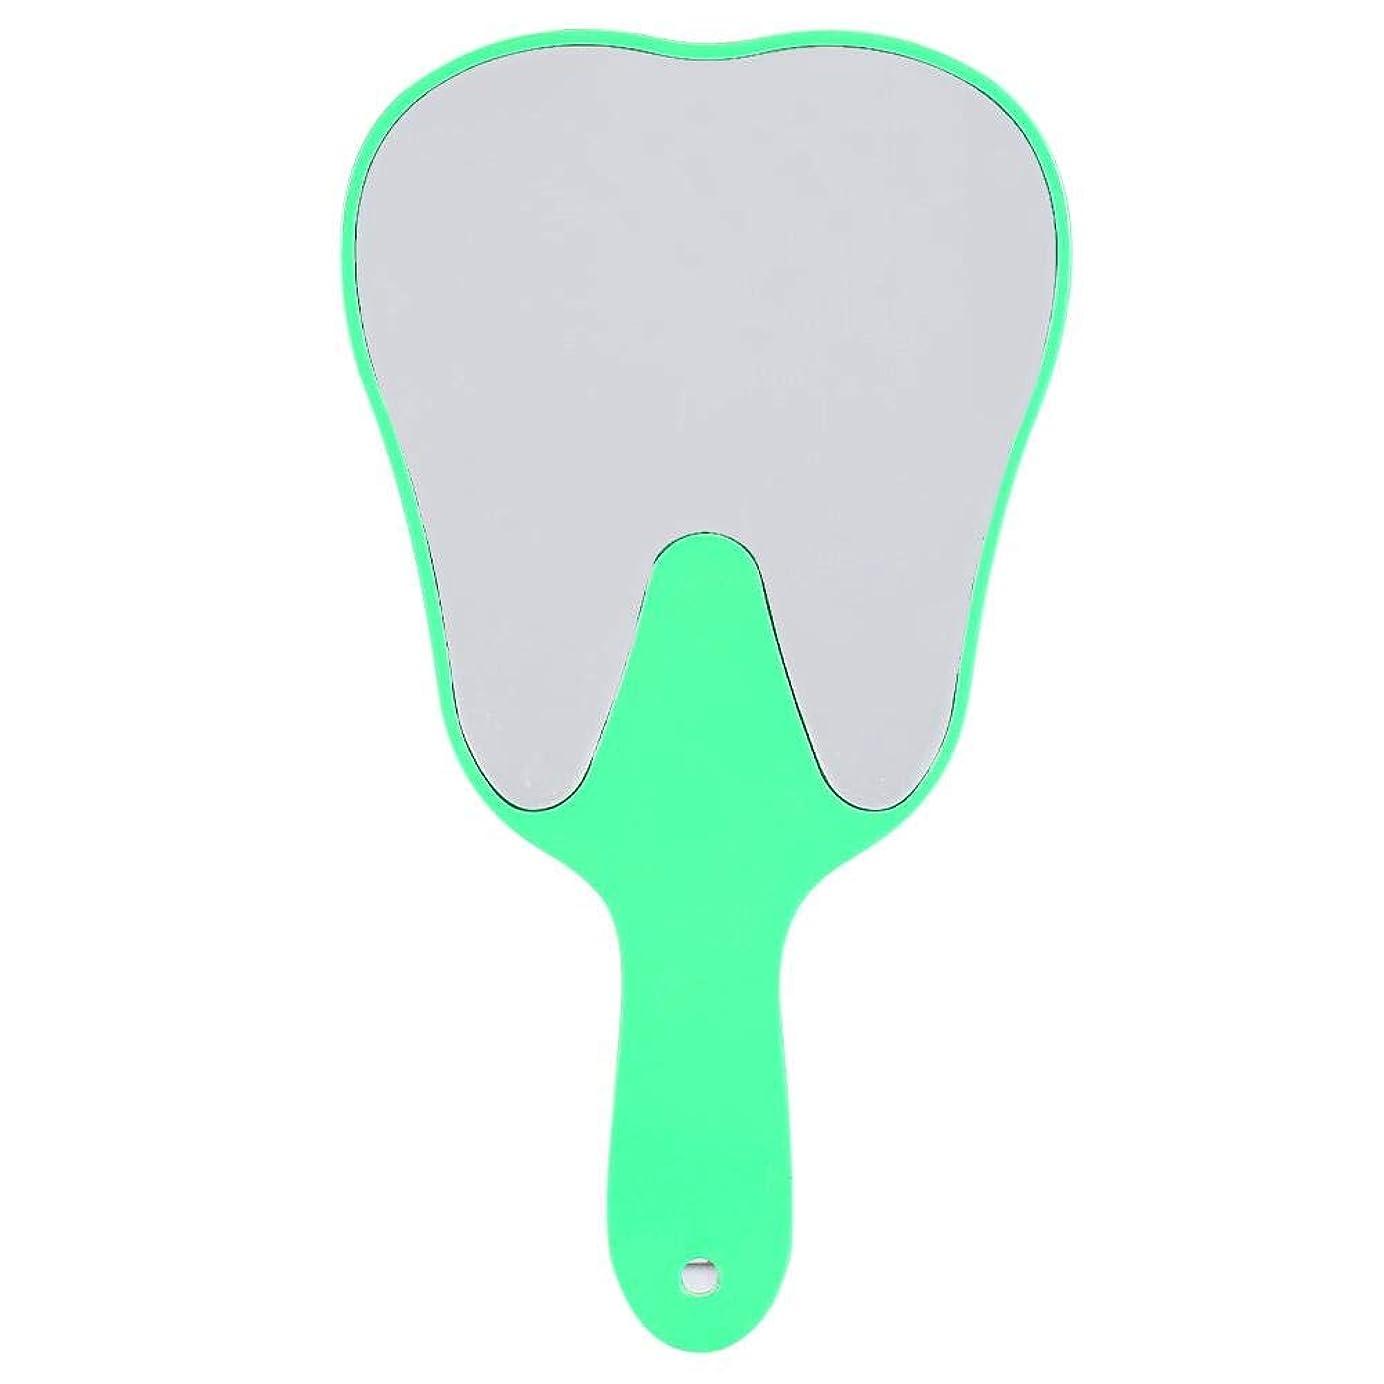 哲学的安息補足手鏡 おしゃれ 便利 歯柄 プラスチック製 コンパクト 持ち運ぶ便利 拡大機能(グリーン)